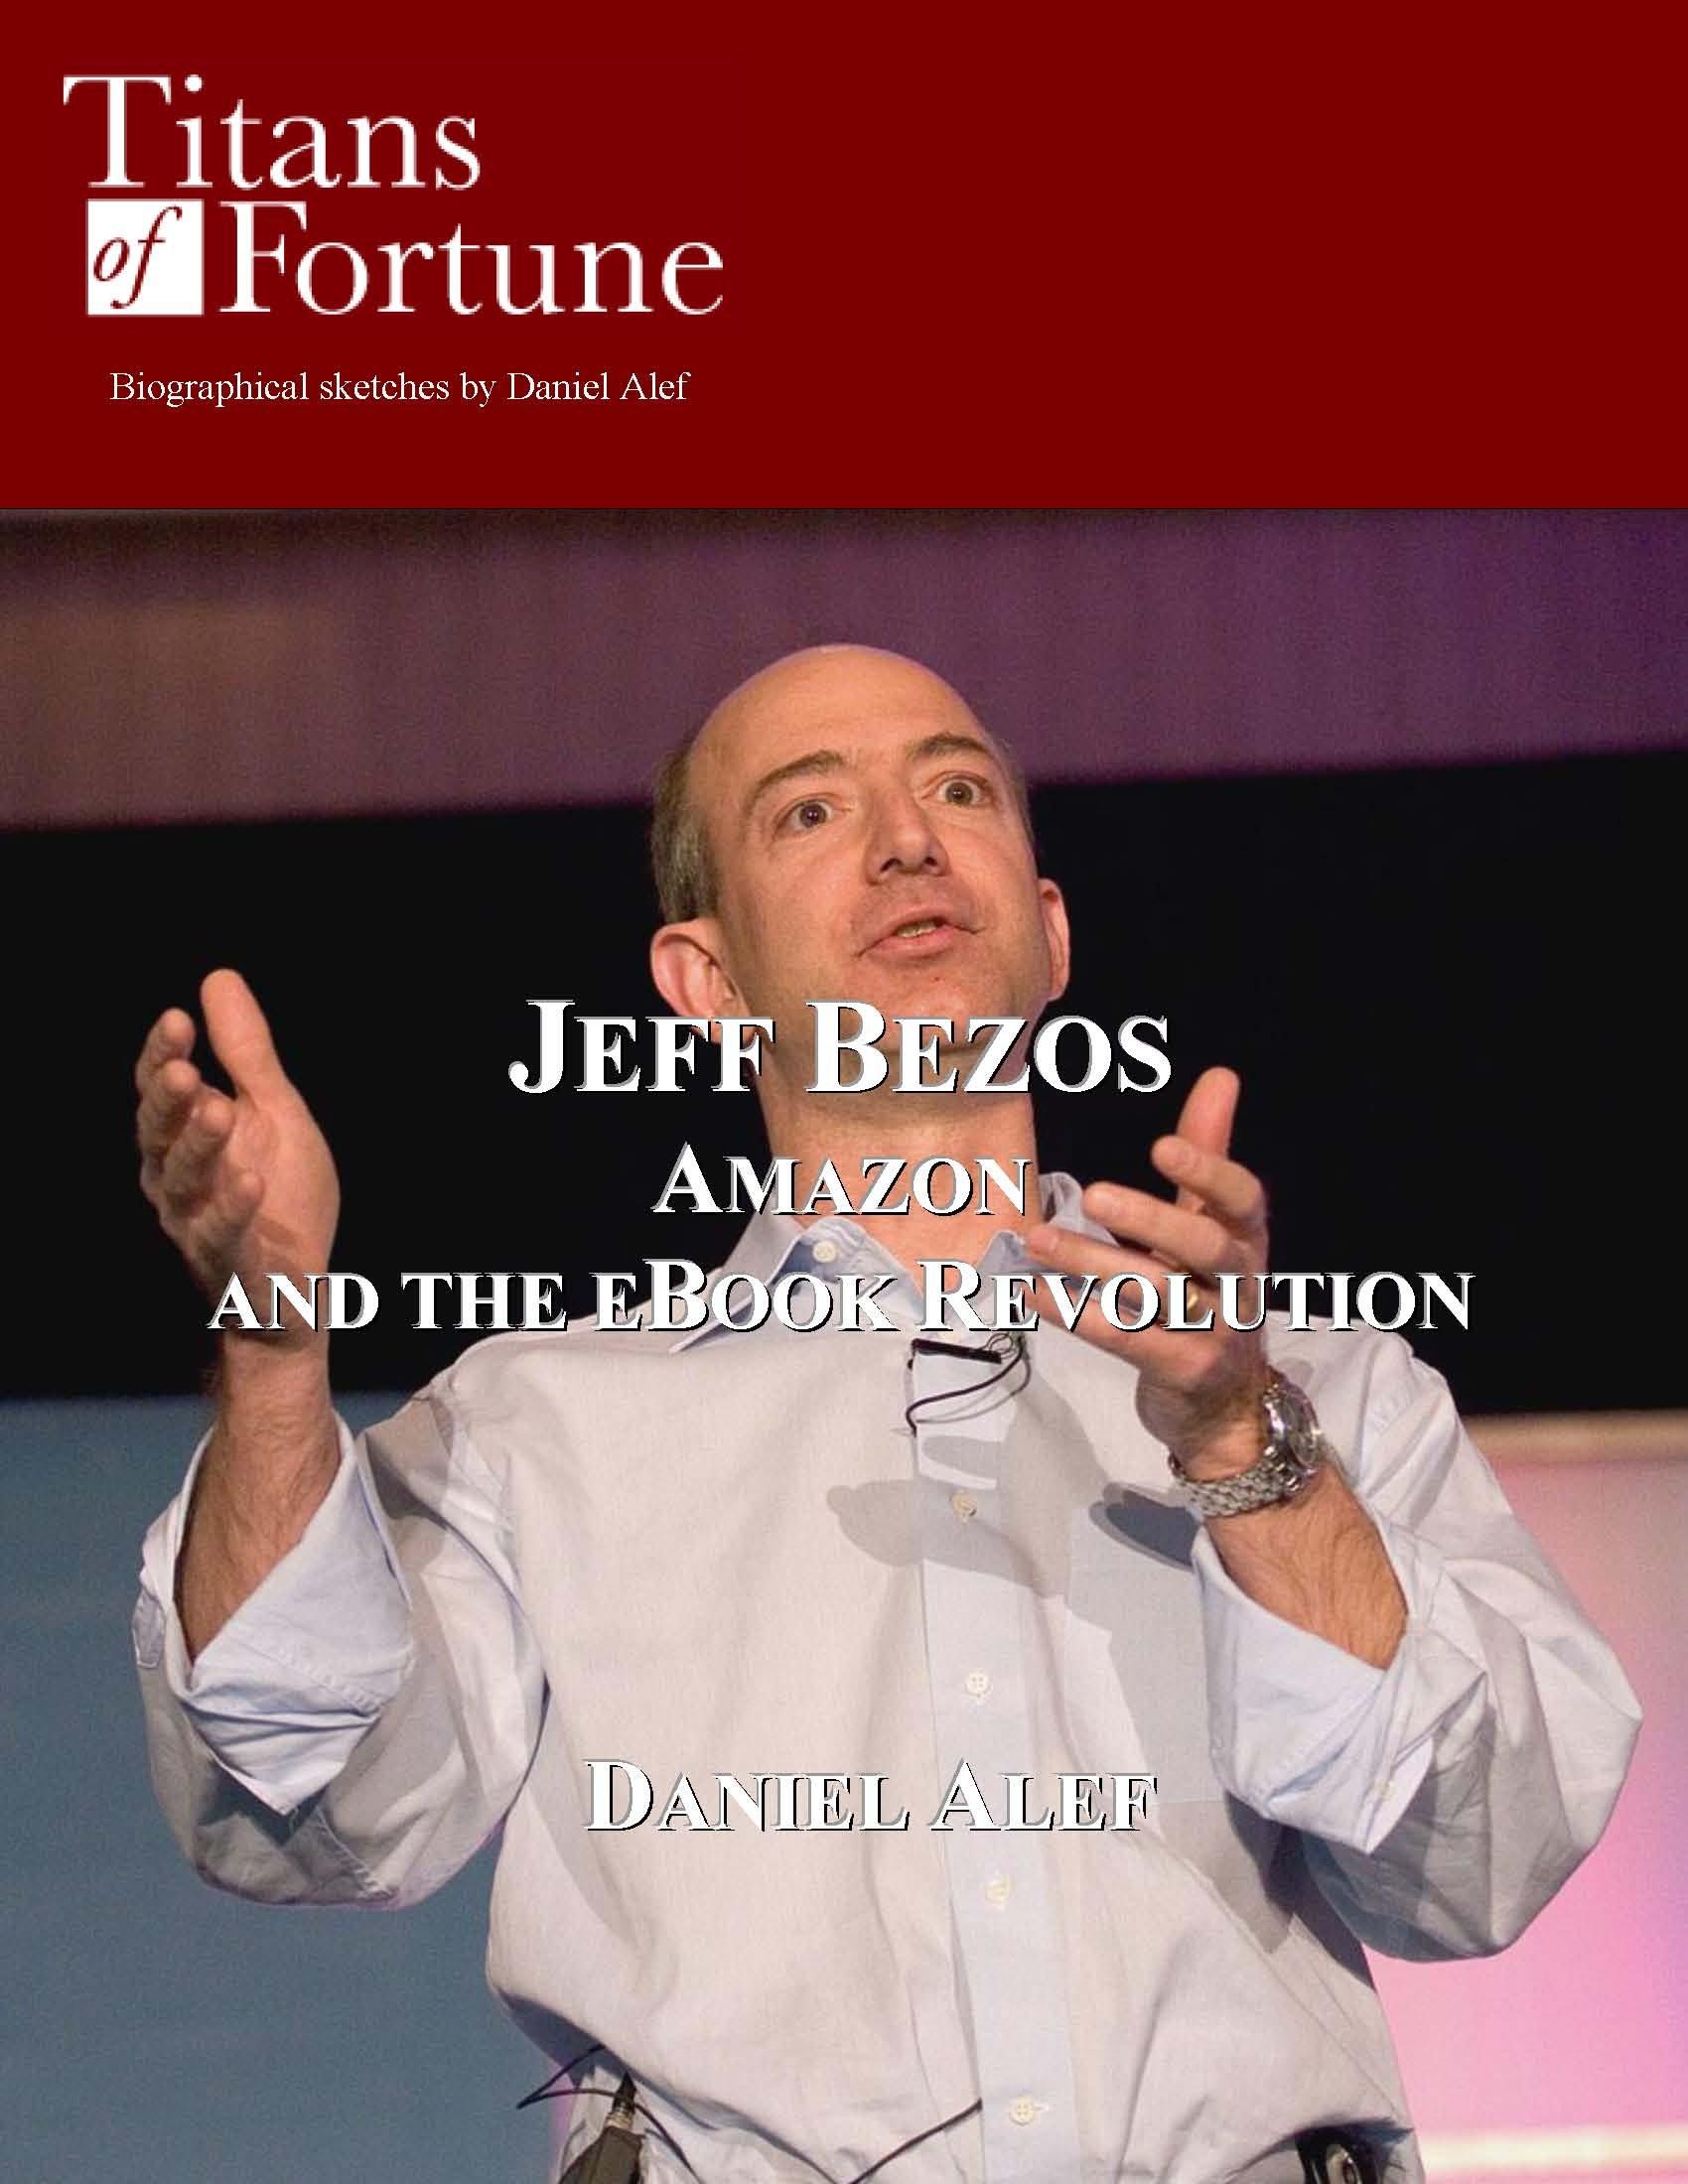 Jeff Bezos: Amazon and the eBook Revolution (Titans of Fortune)